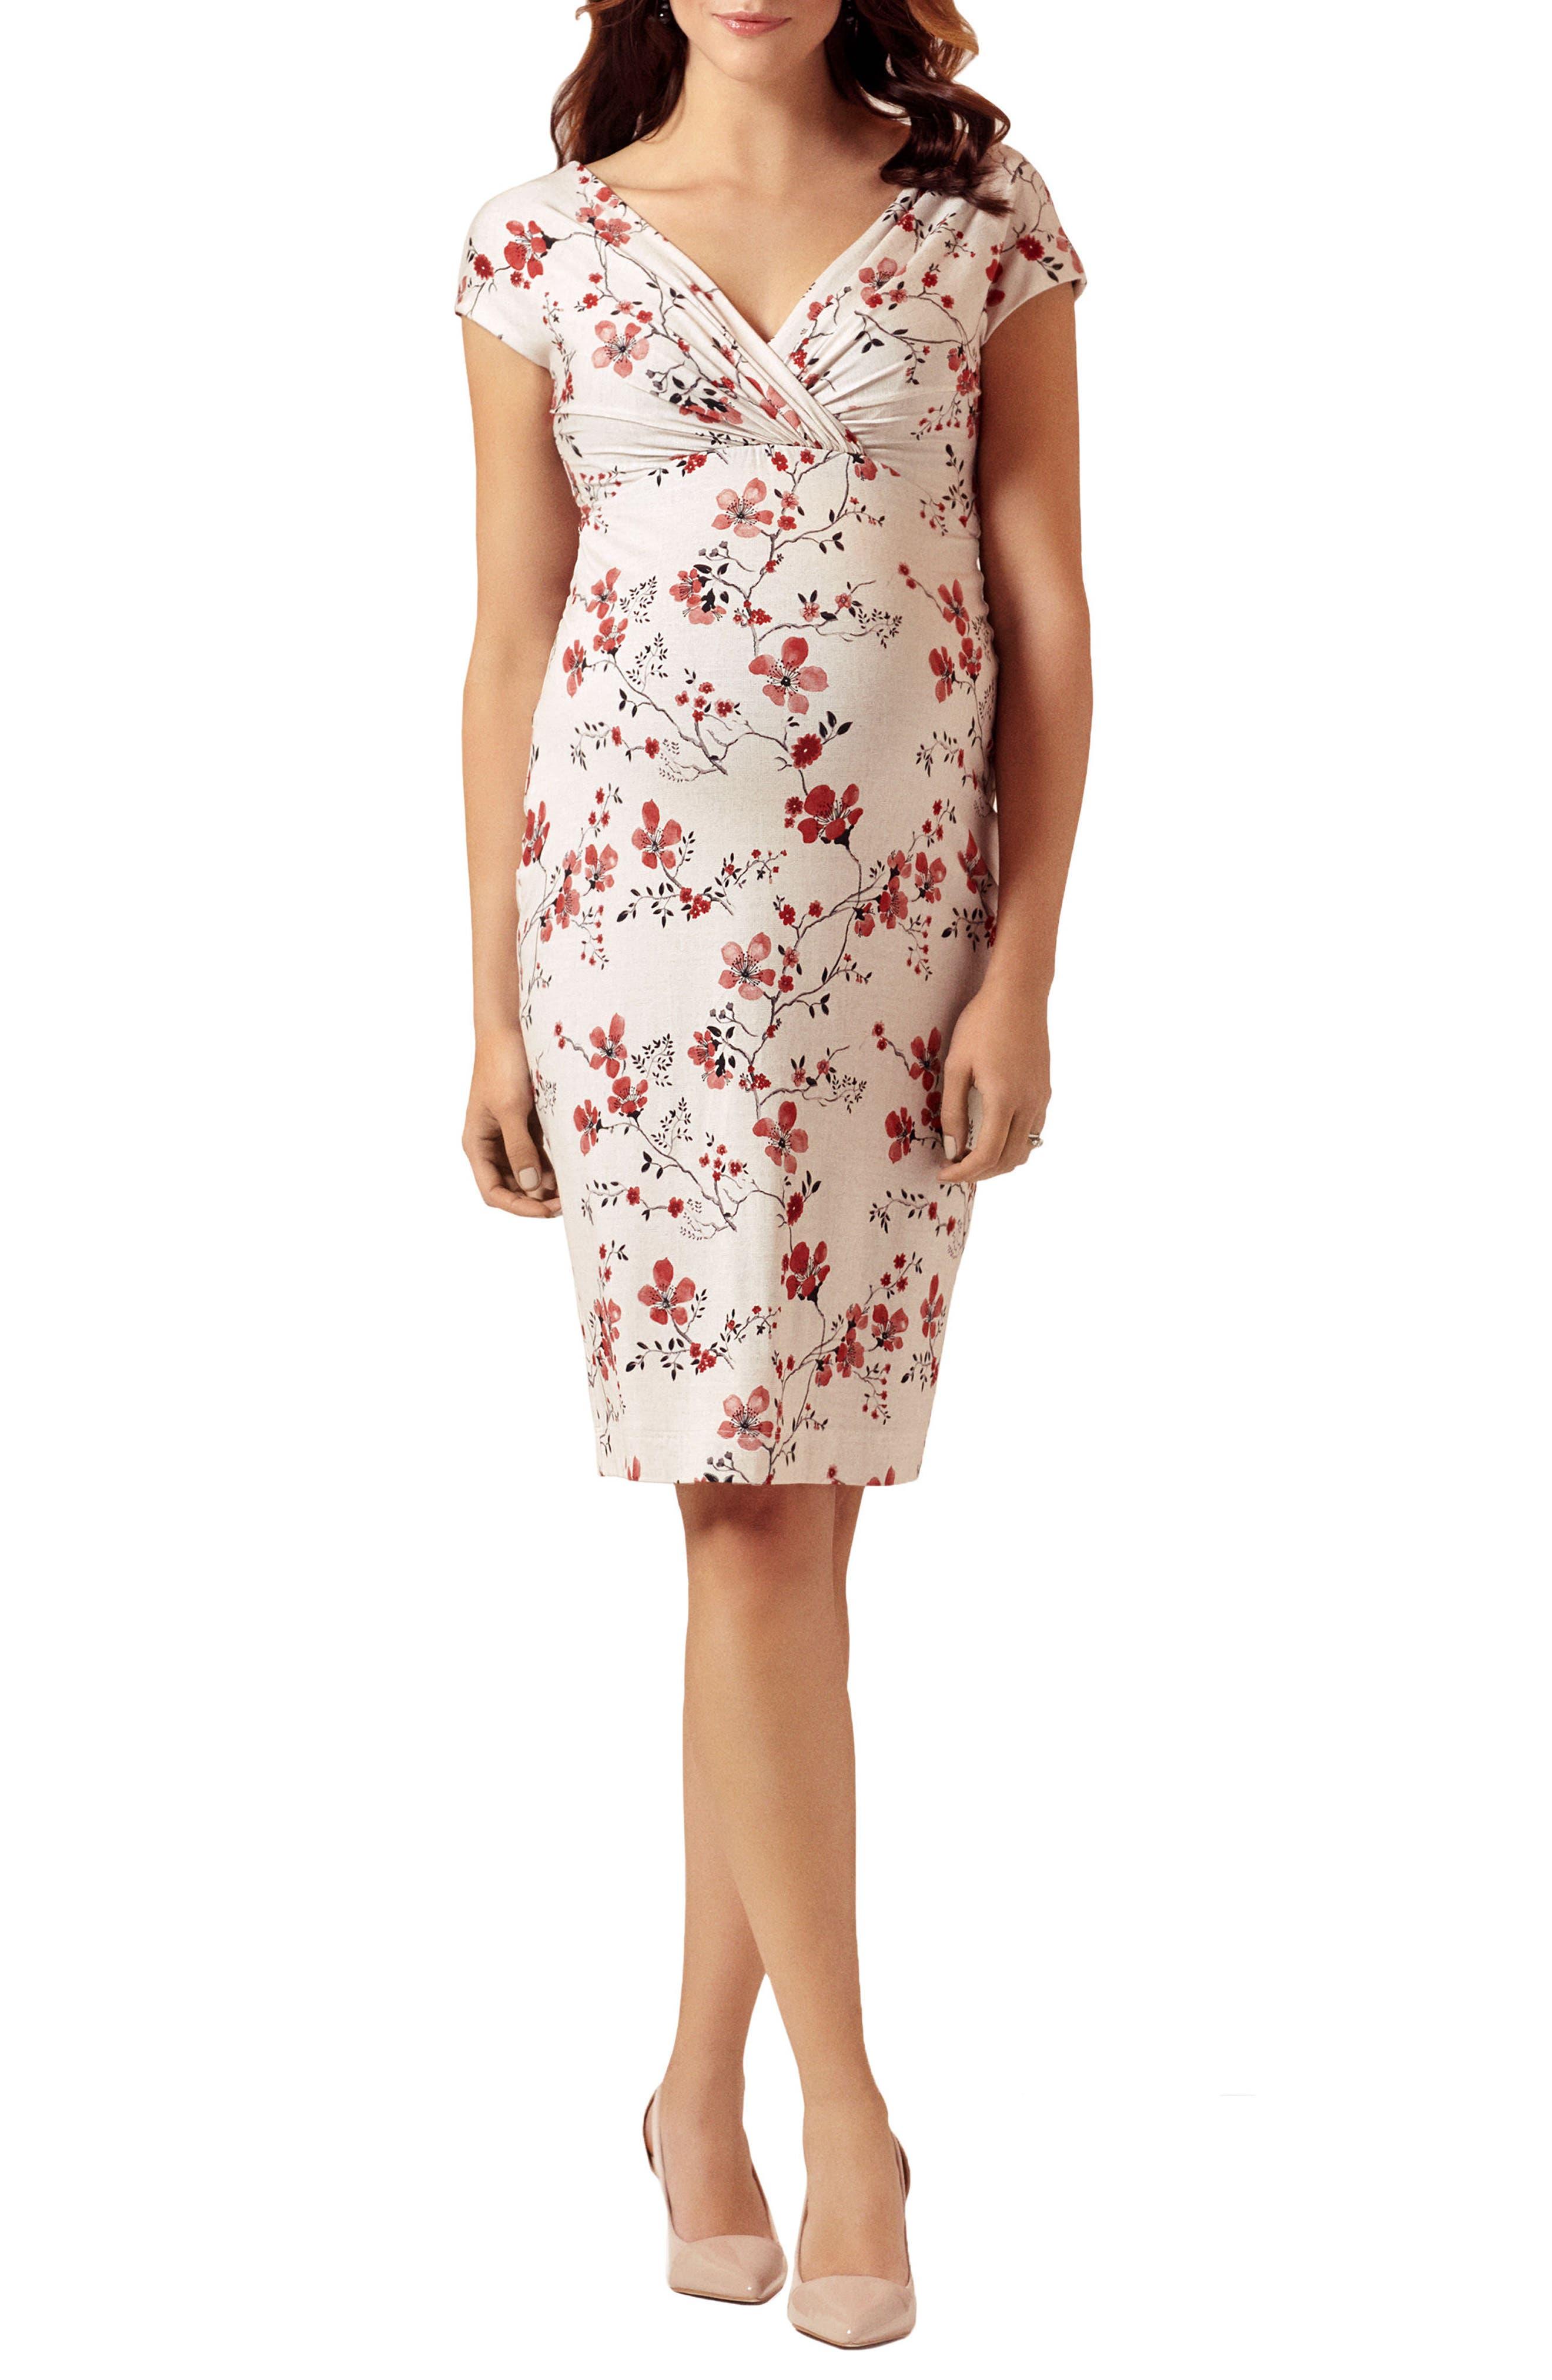 TIFFANY ROSE Bardot Maternity Sheath Dress, Main, color, CHERRY BLOSSOM